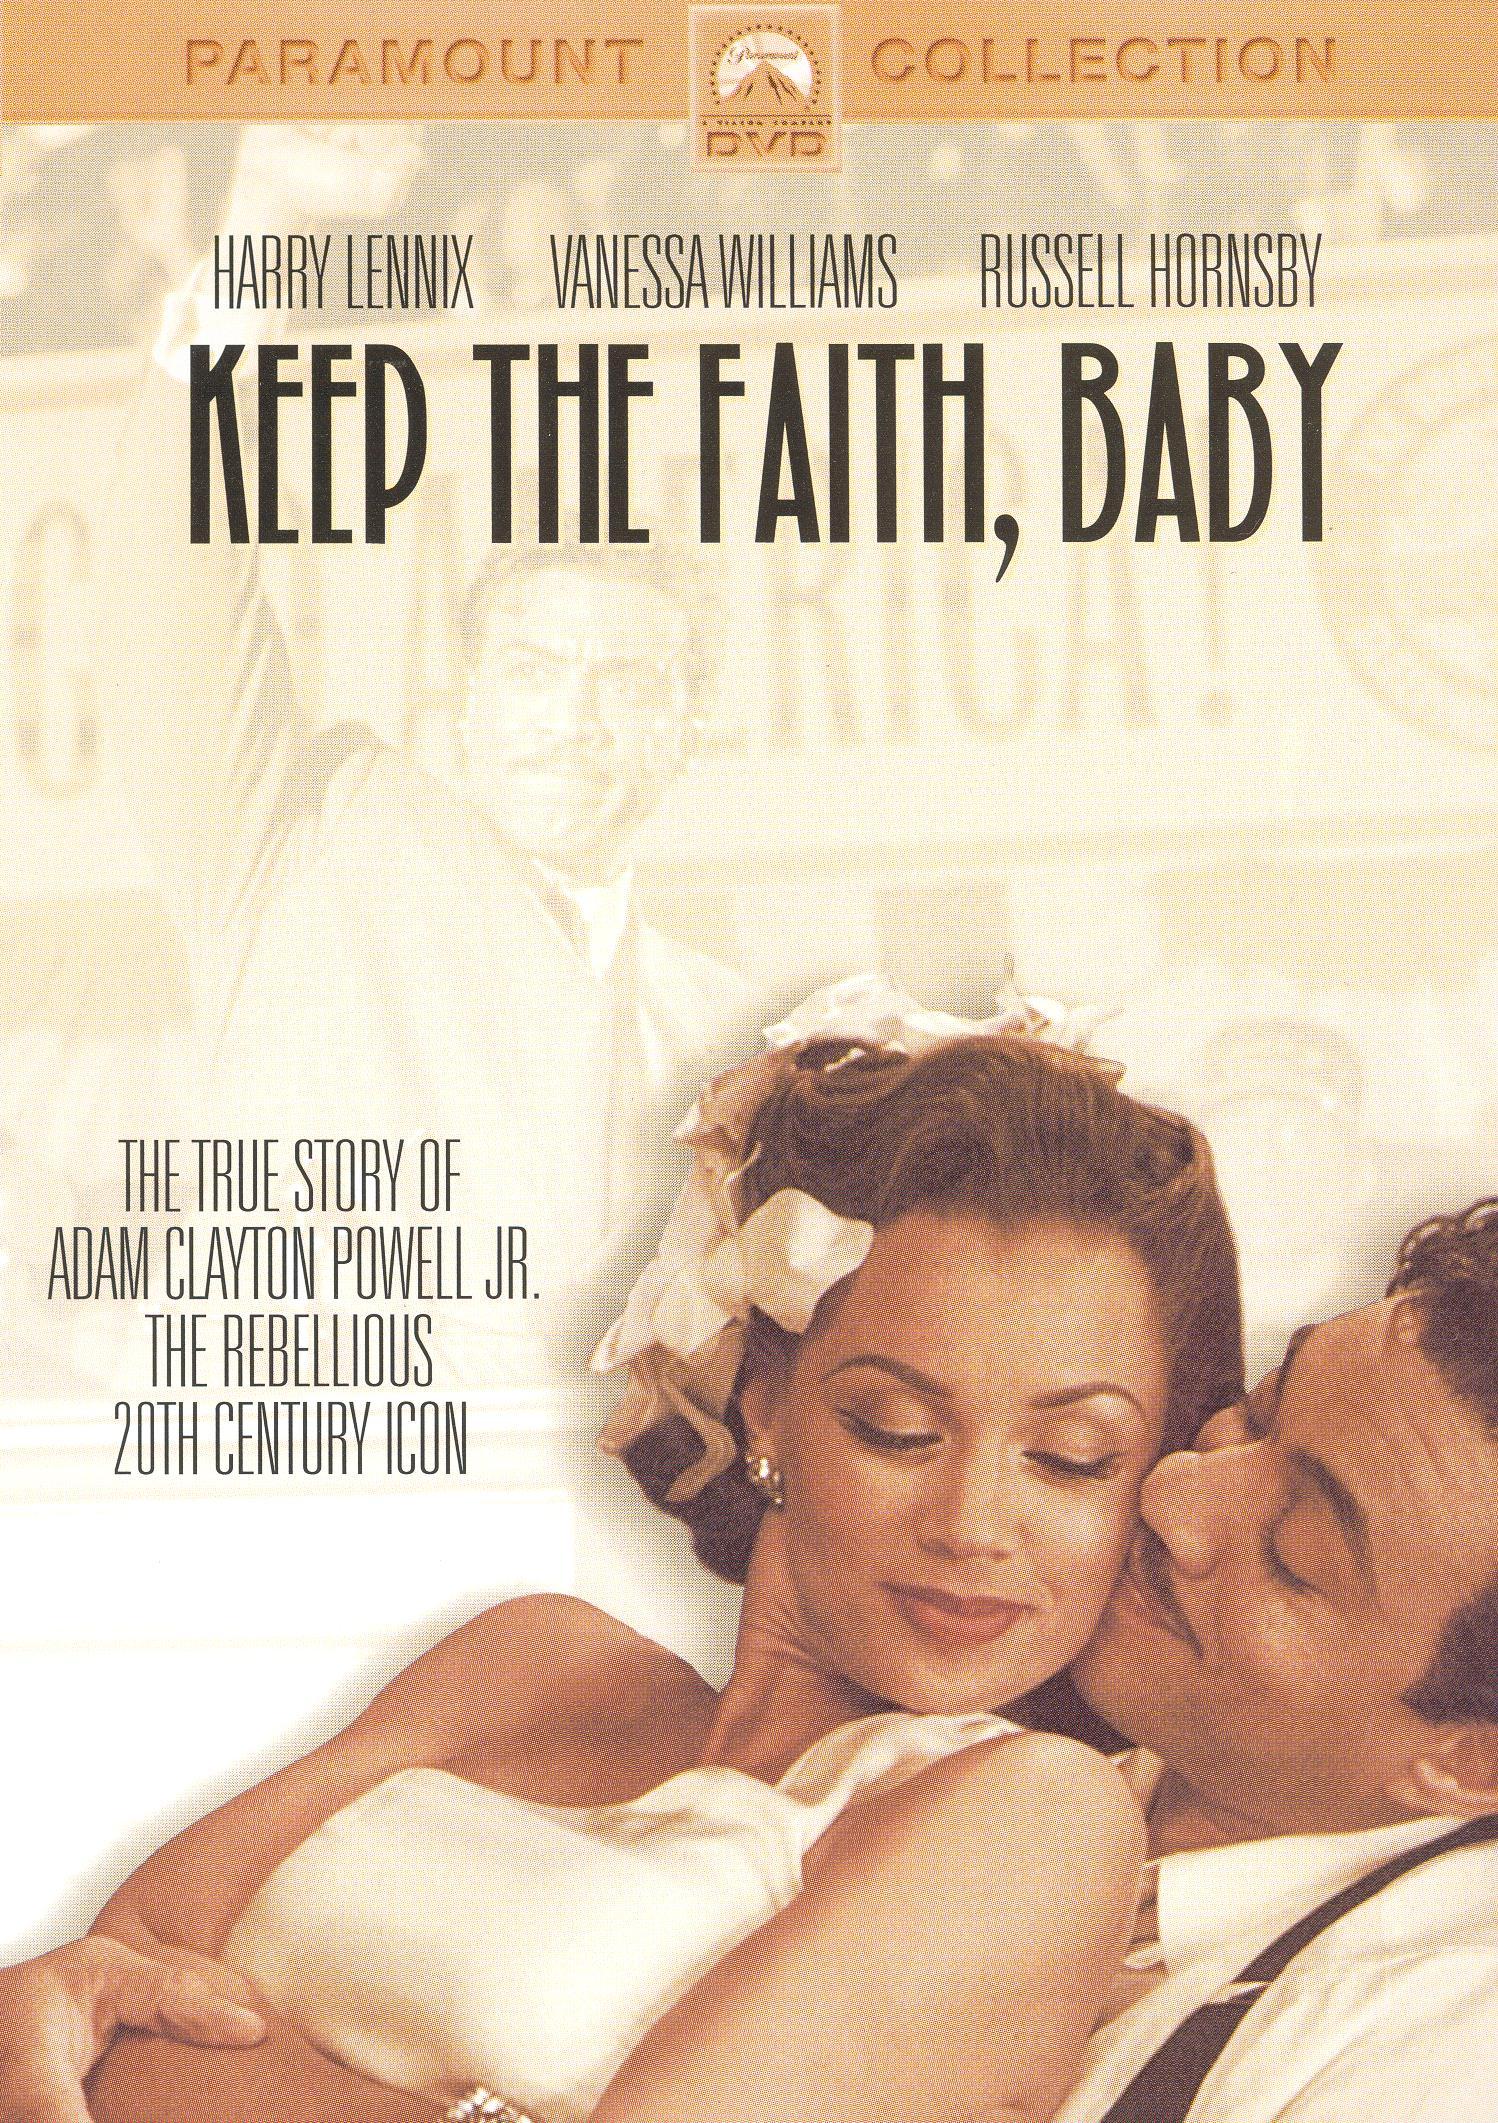 Cast Keeping The Faith : Keep the faith baby doug mchenry cast and crew